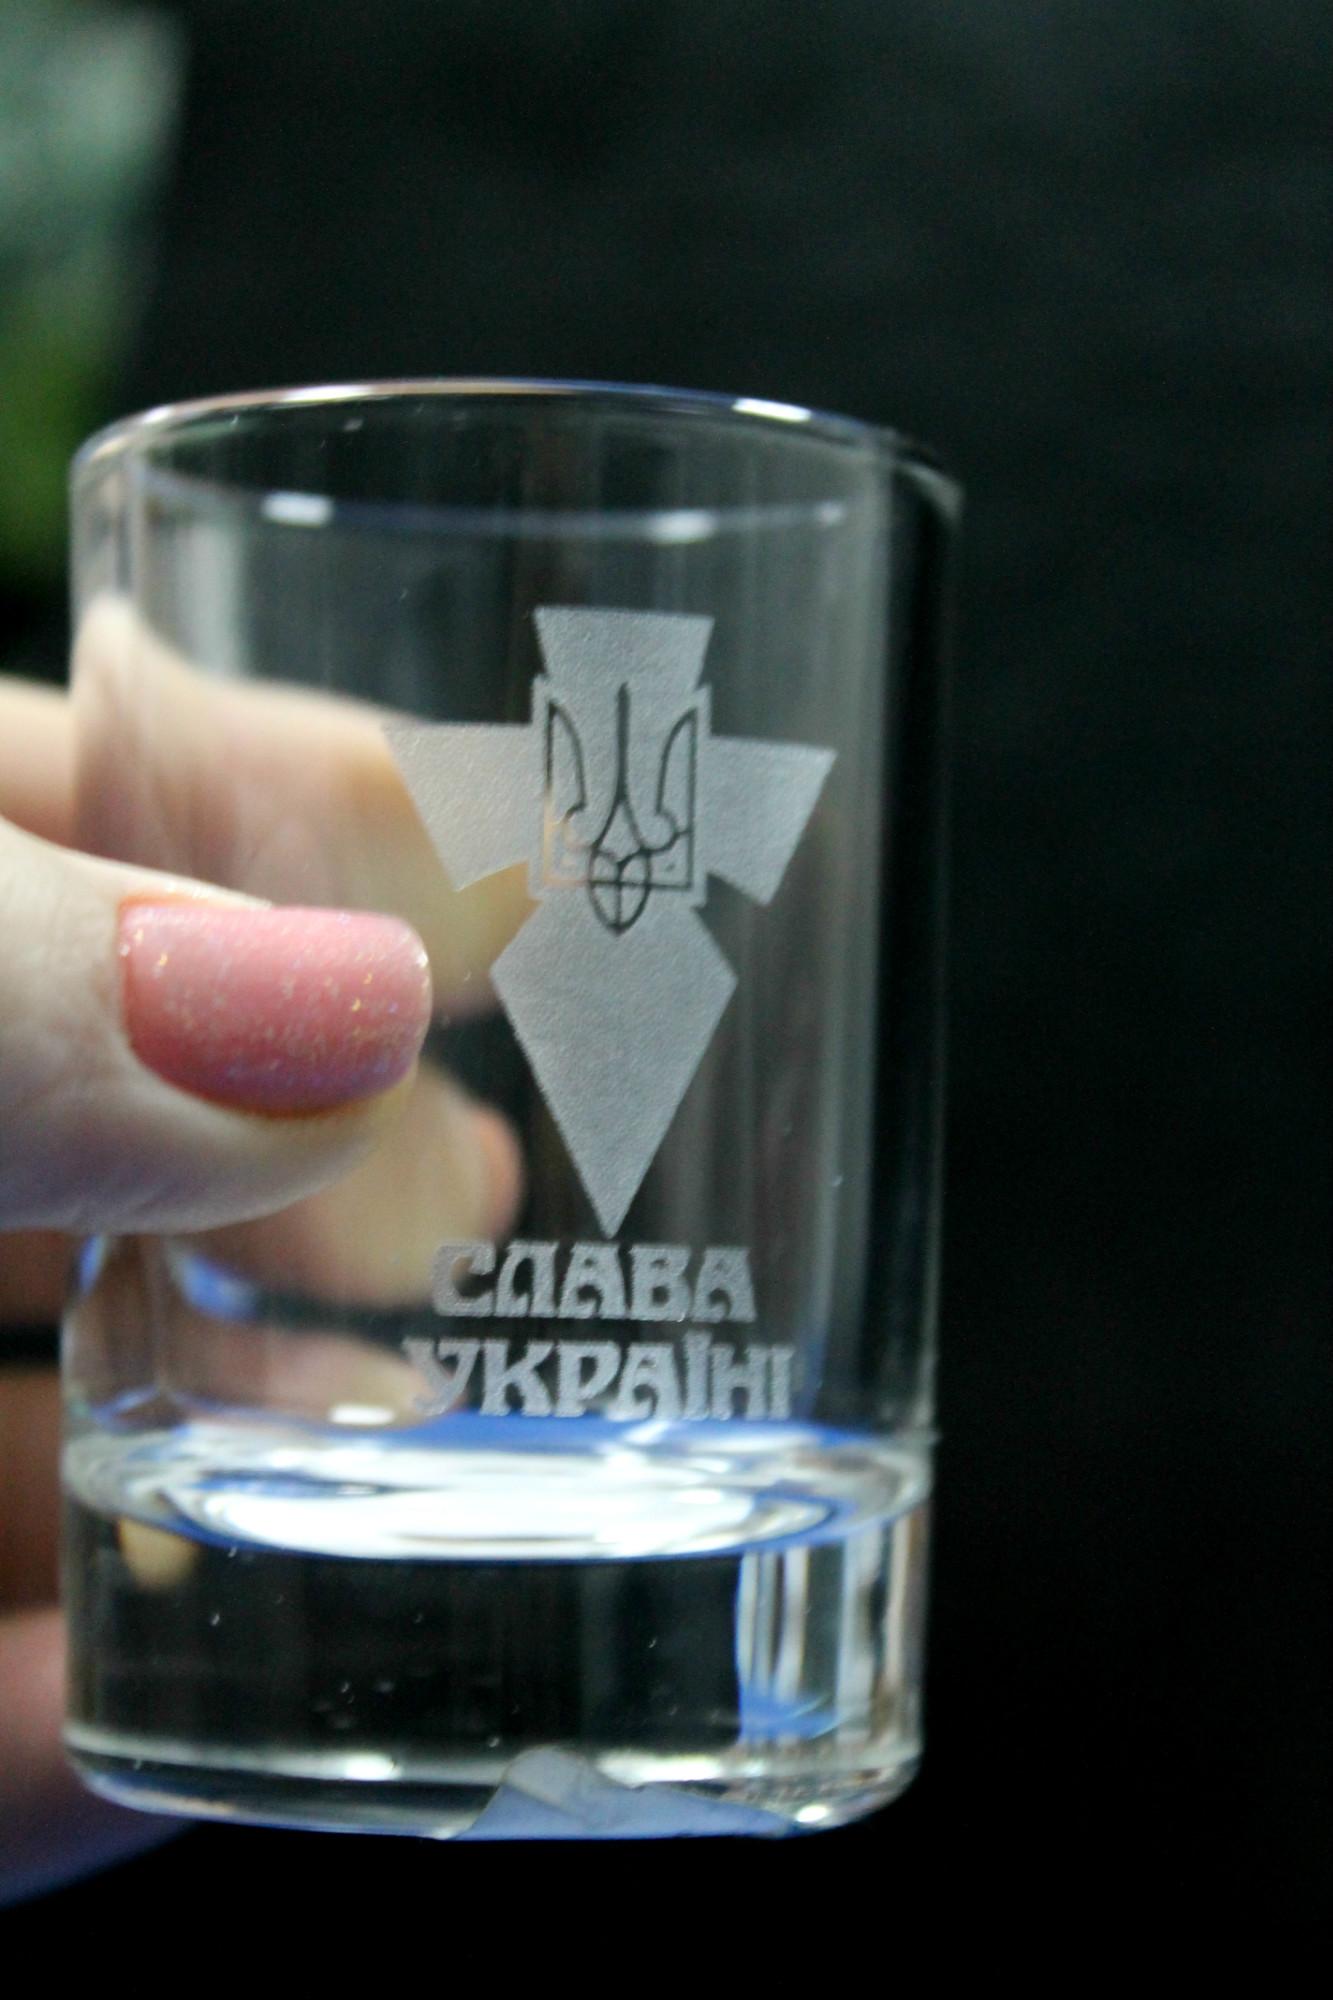 Лазерне гравіювання. Стакан з написом Слава Україні